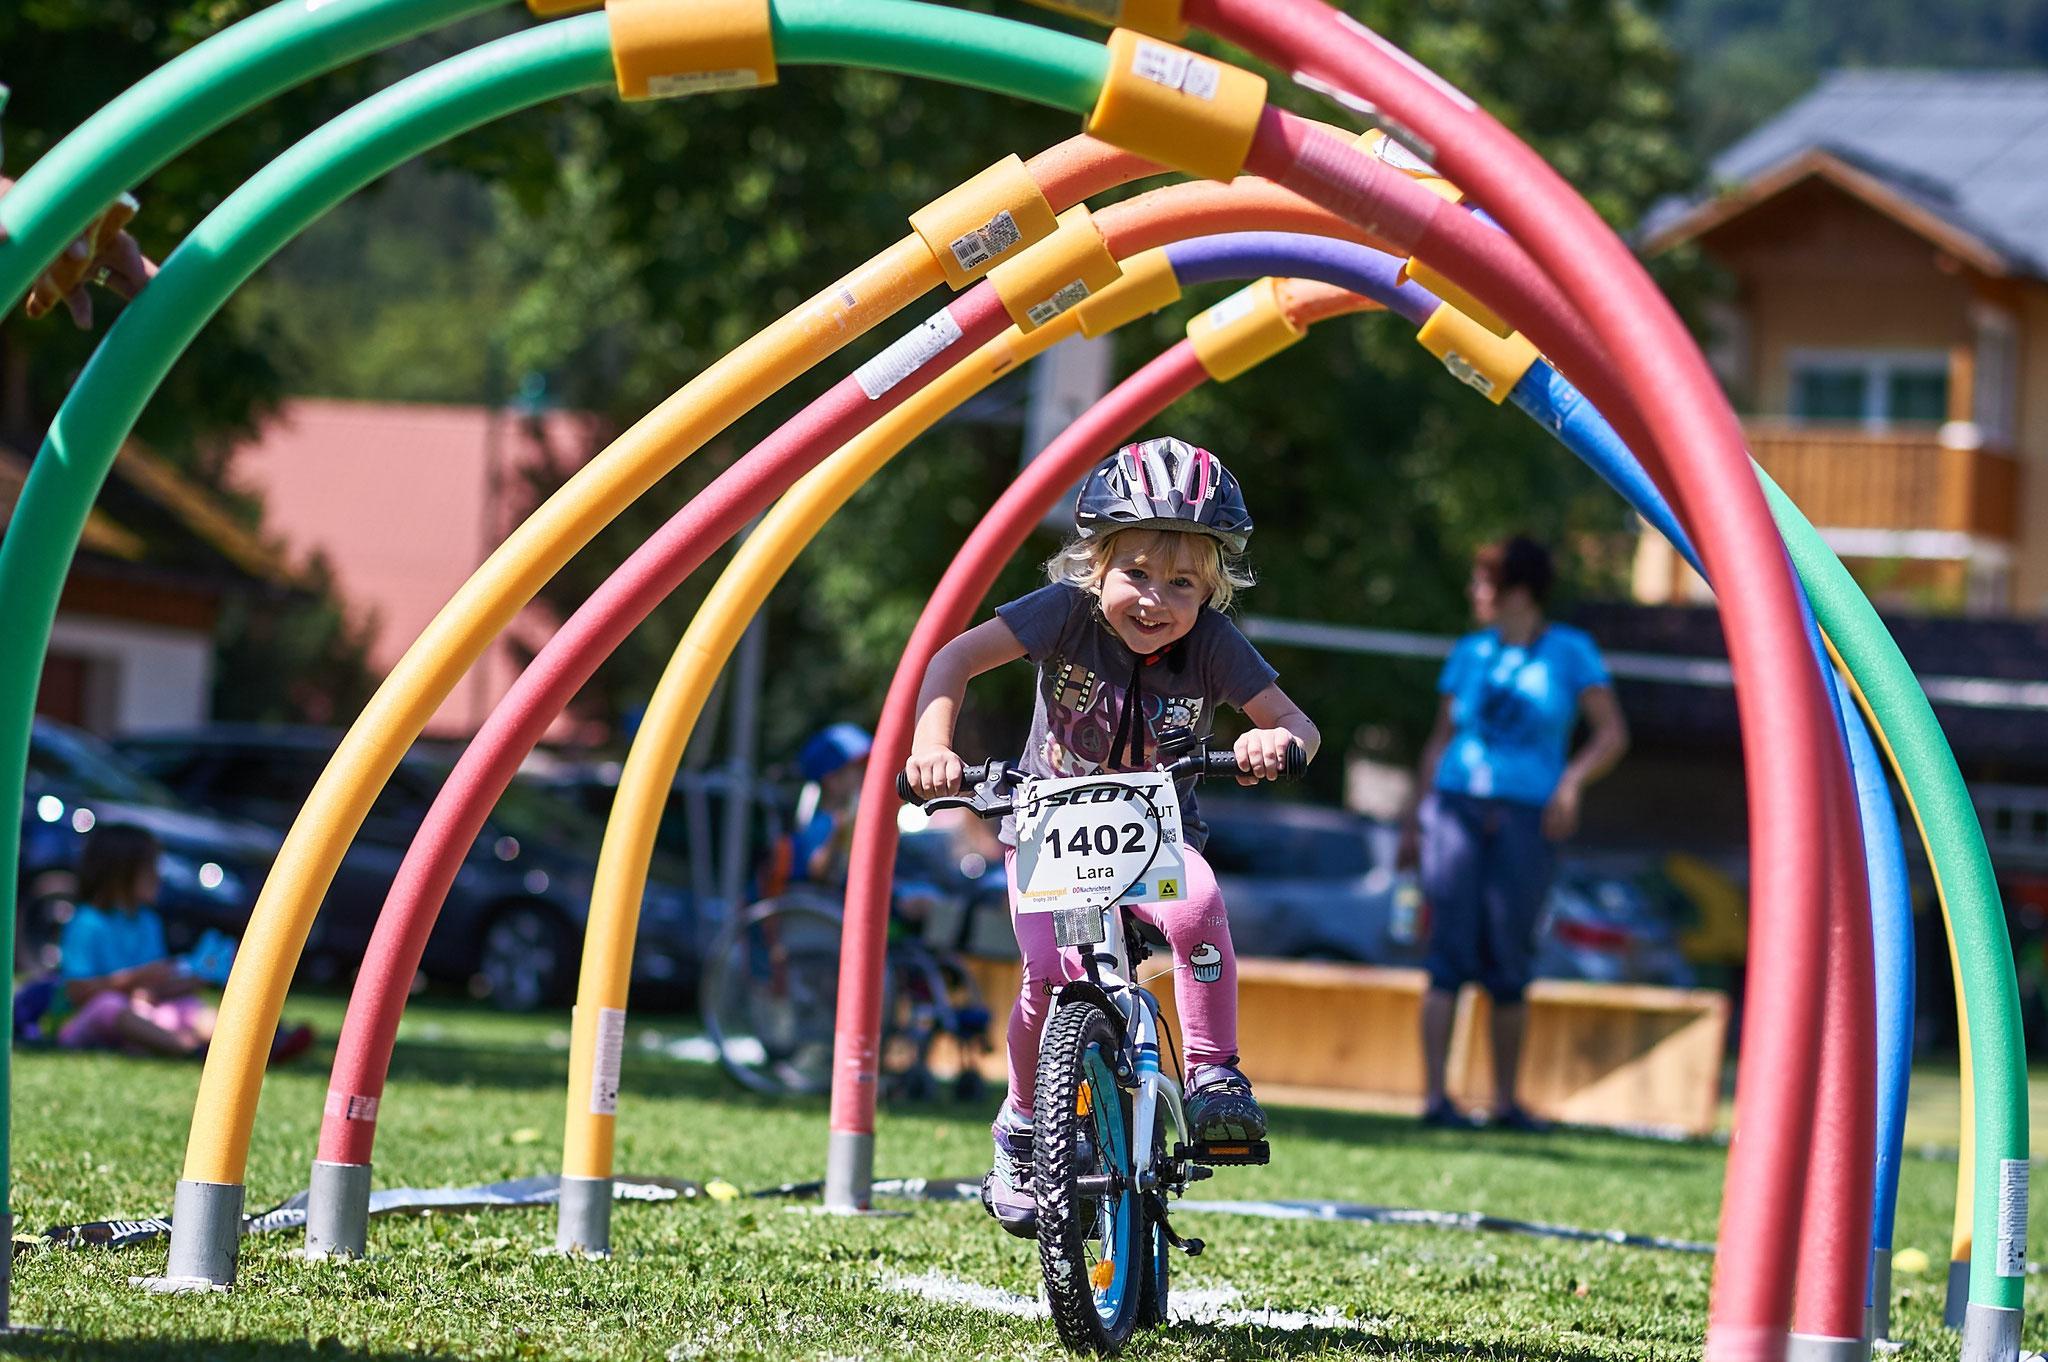 Foto Martin Bihounek: Beim Parcours-Wettbewerb geht´s für die Kids nur um Spaß am Bike